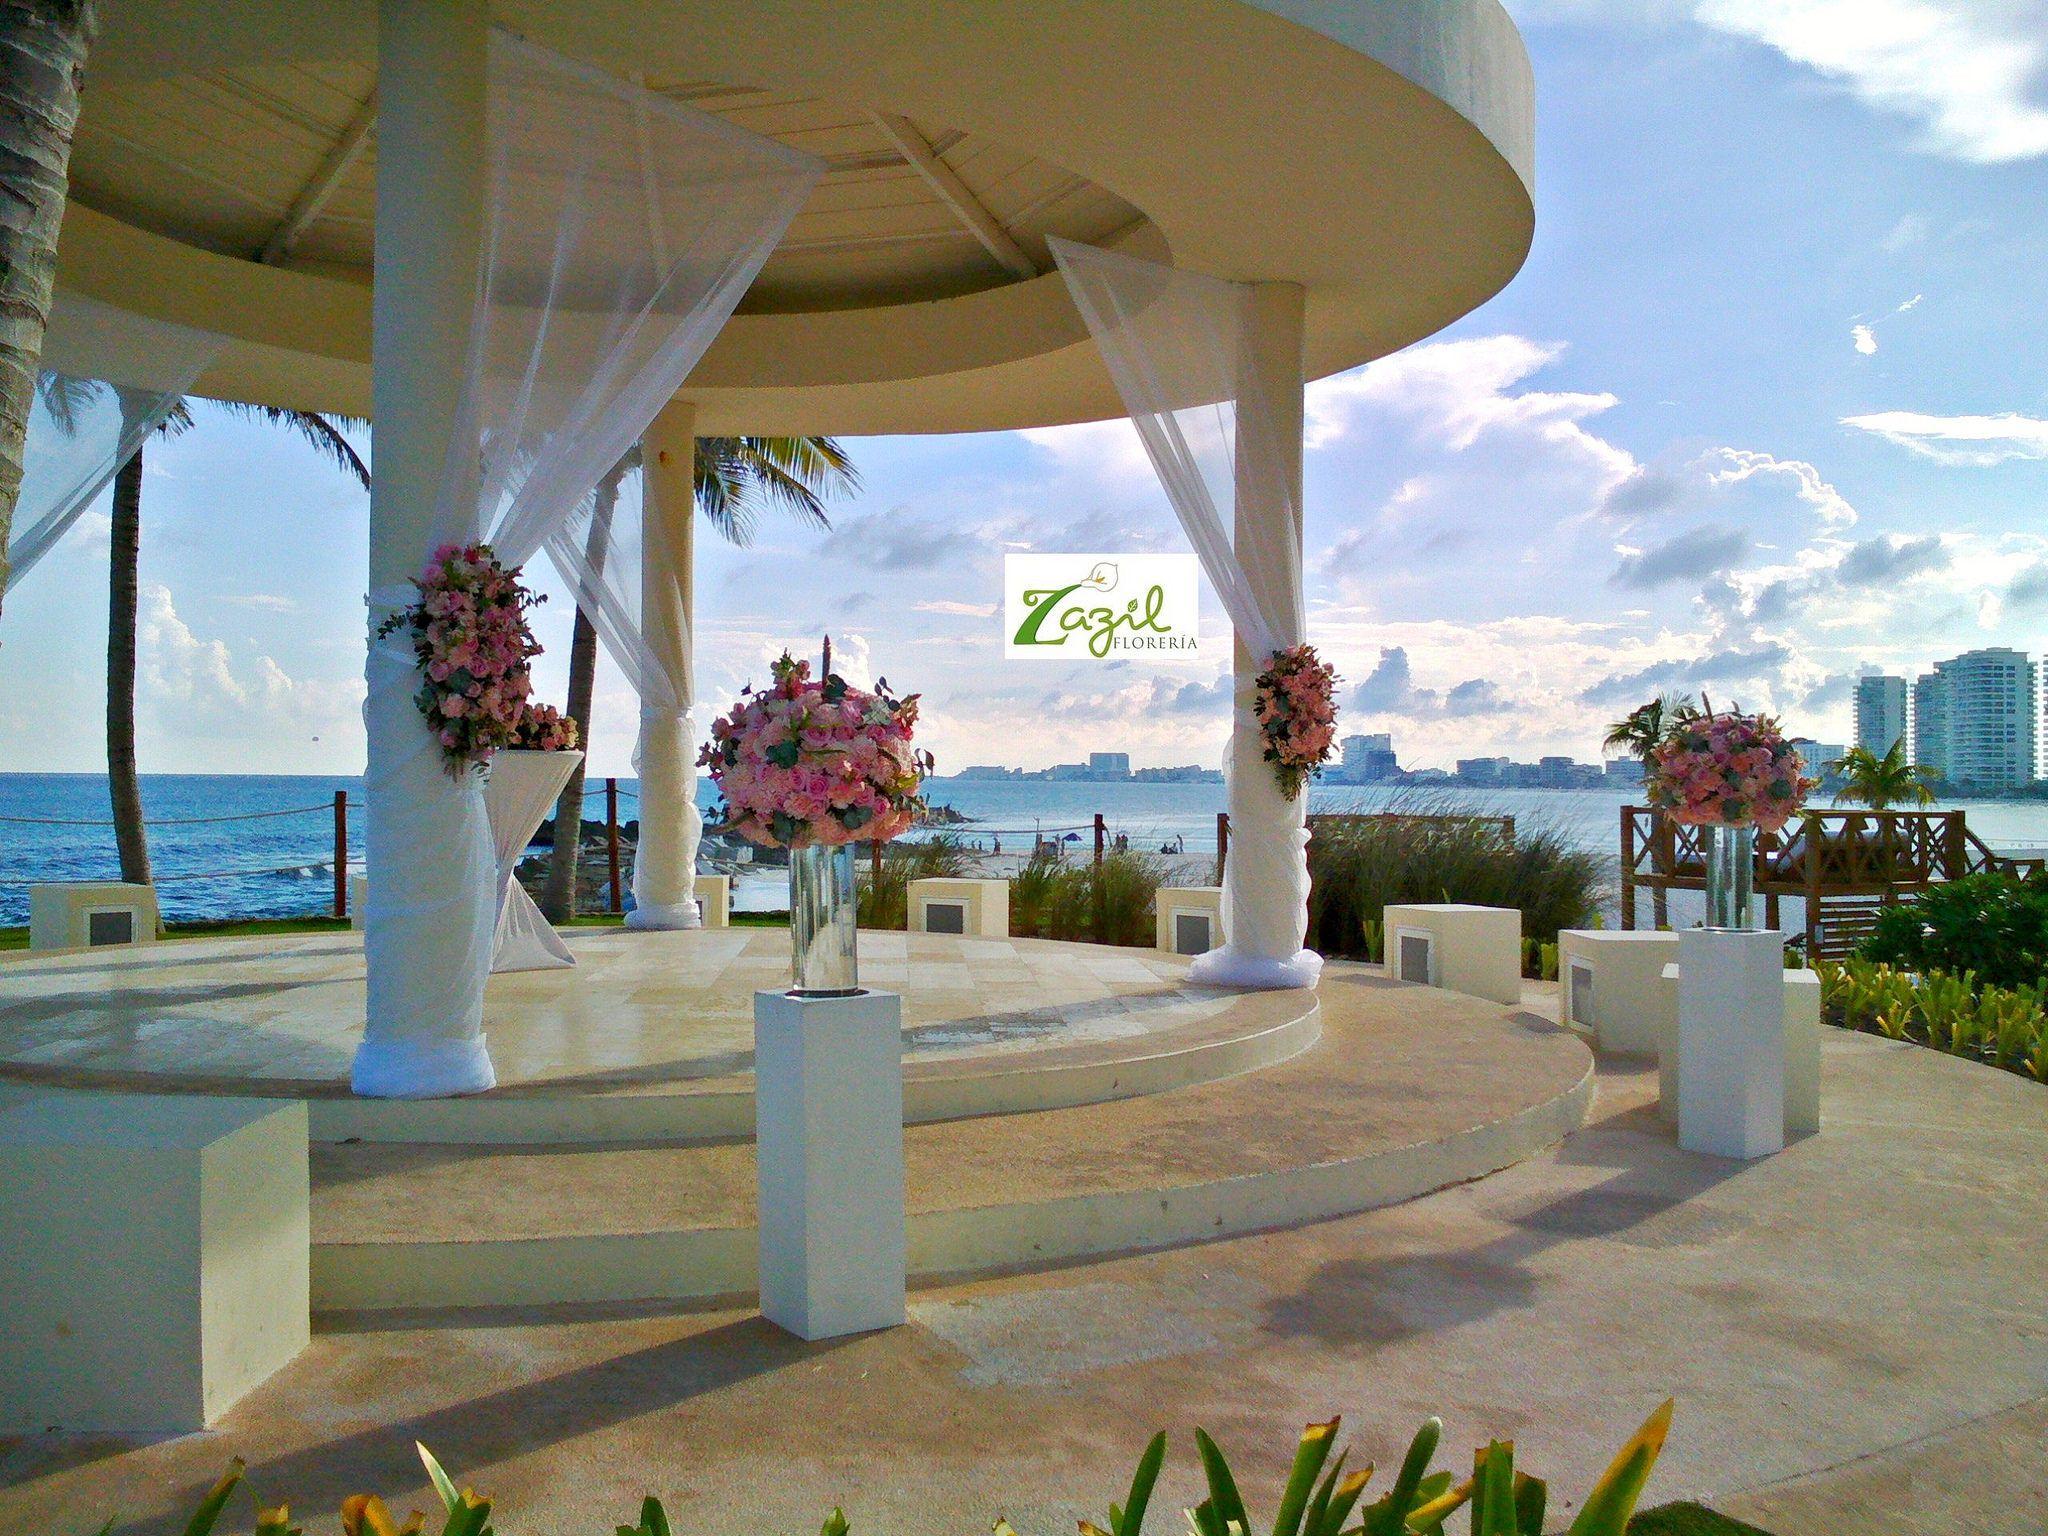 Diseño floral  para bodas en Cancún   Decoración de ceremonias en la playa, gazebos, iglesias, salones, terrazas..... www.floreriazazil.com Info: ventas@floreriazazil.com